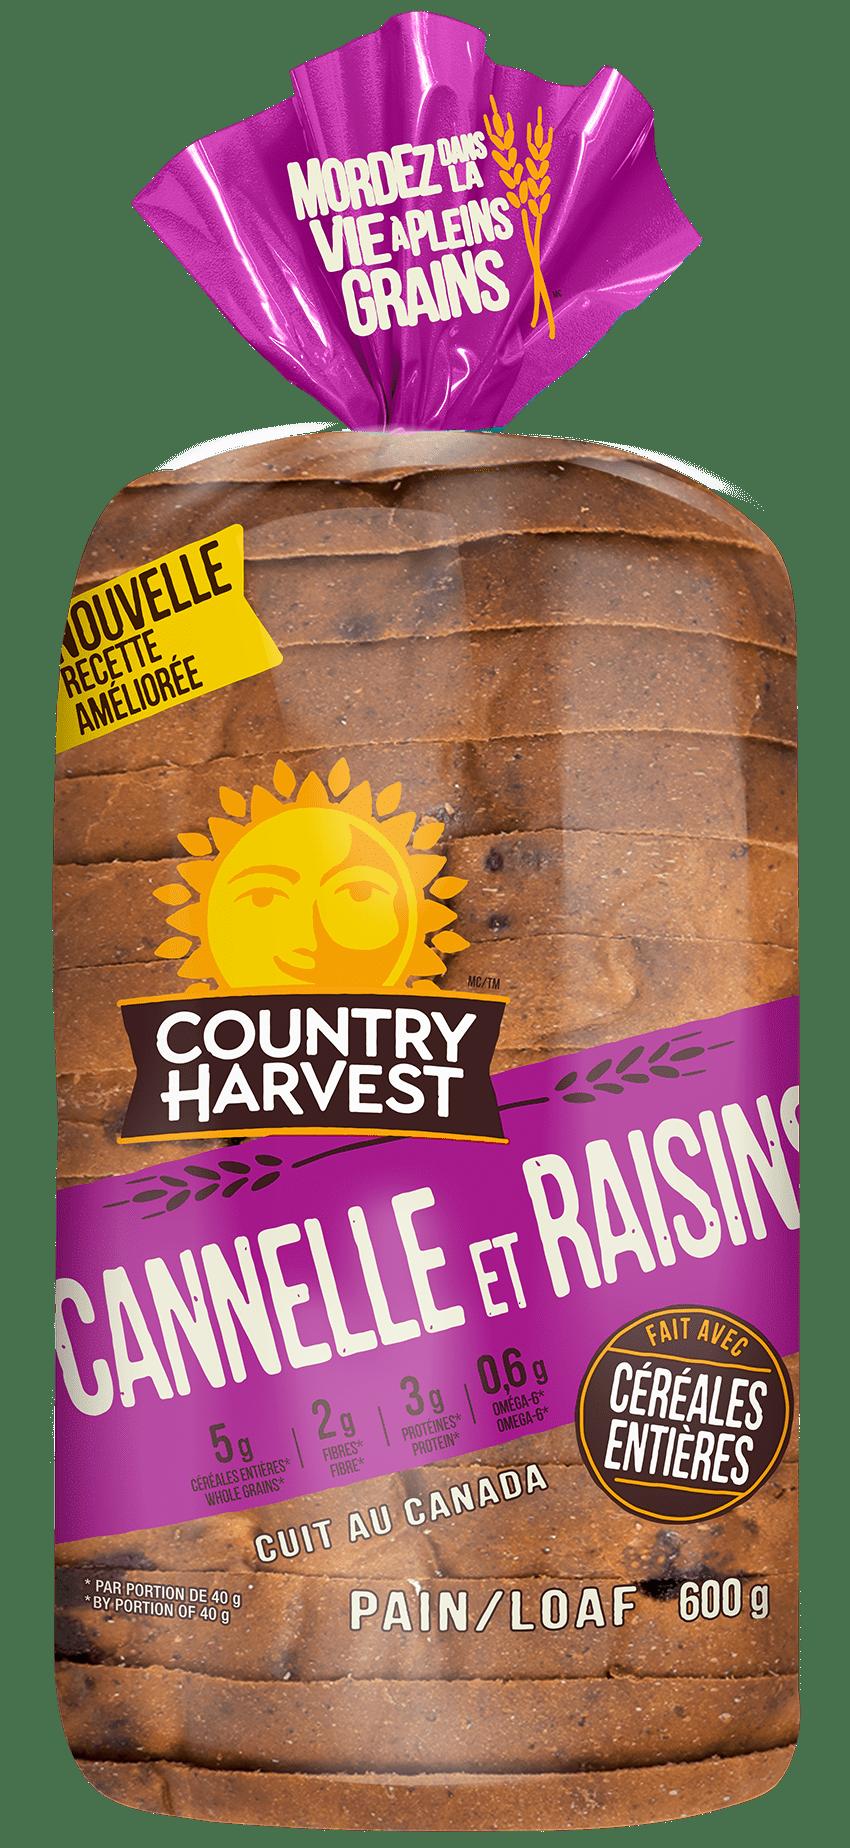 Country Harvest Cannelle Et Raisins